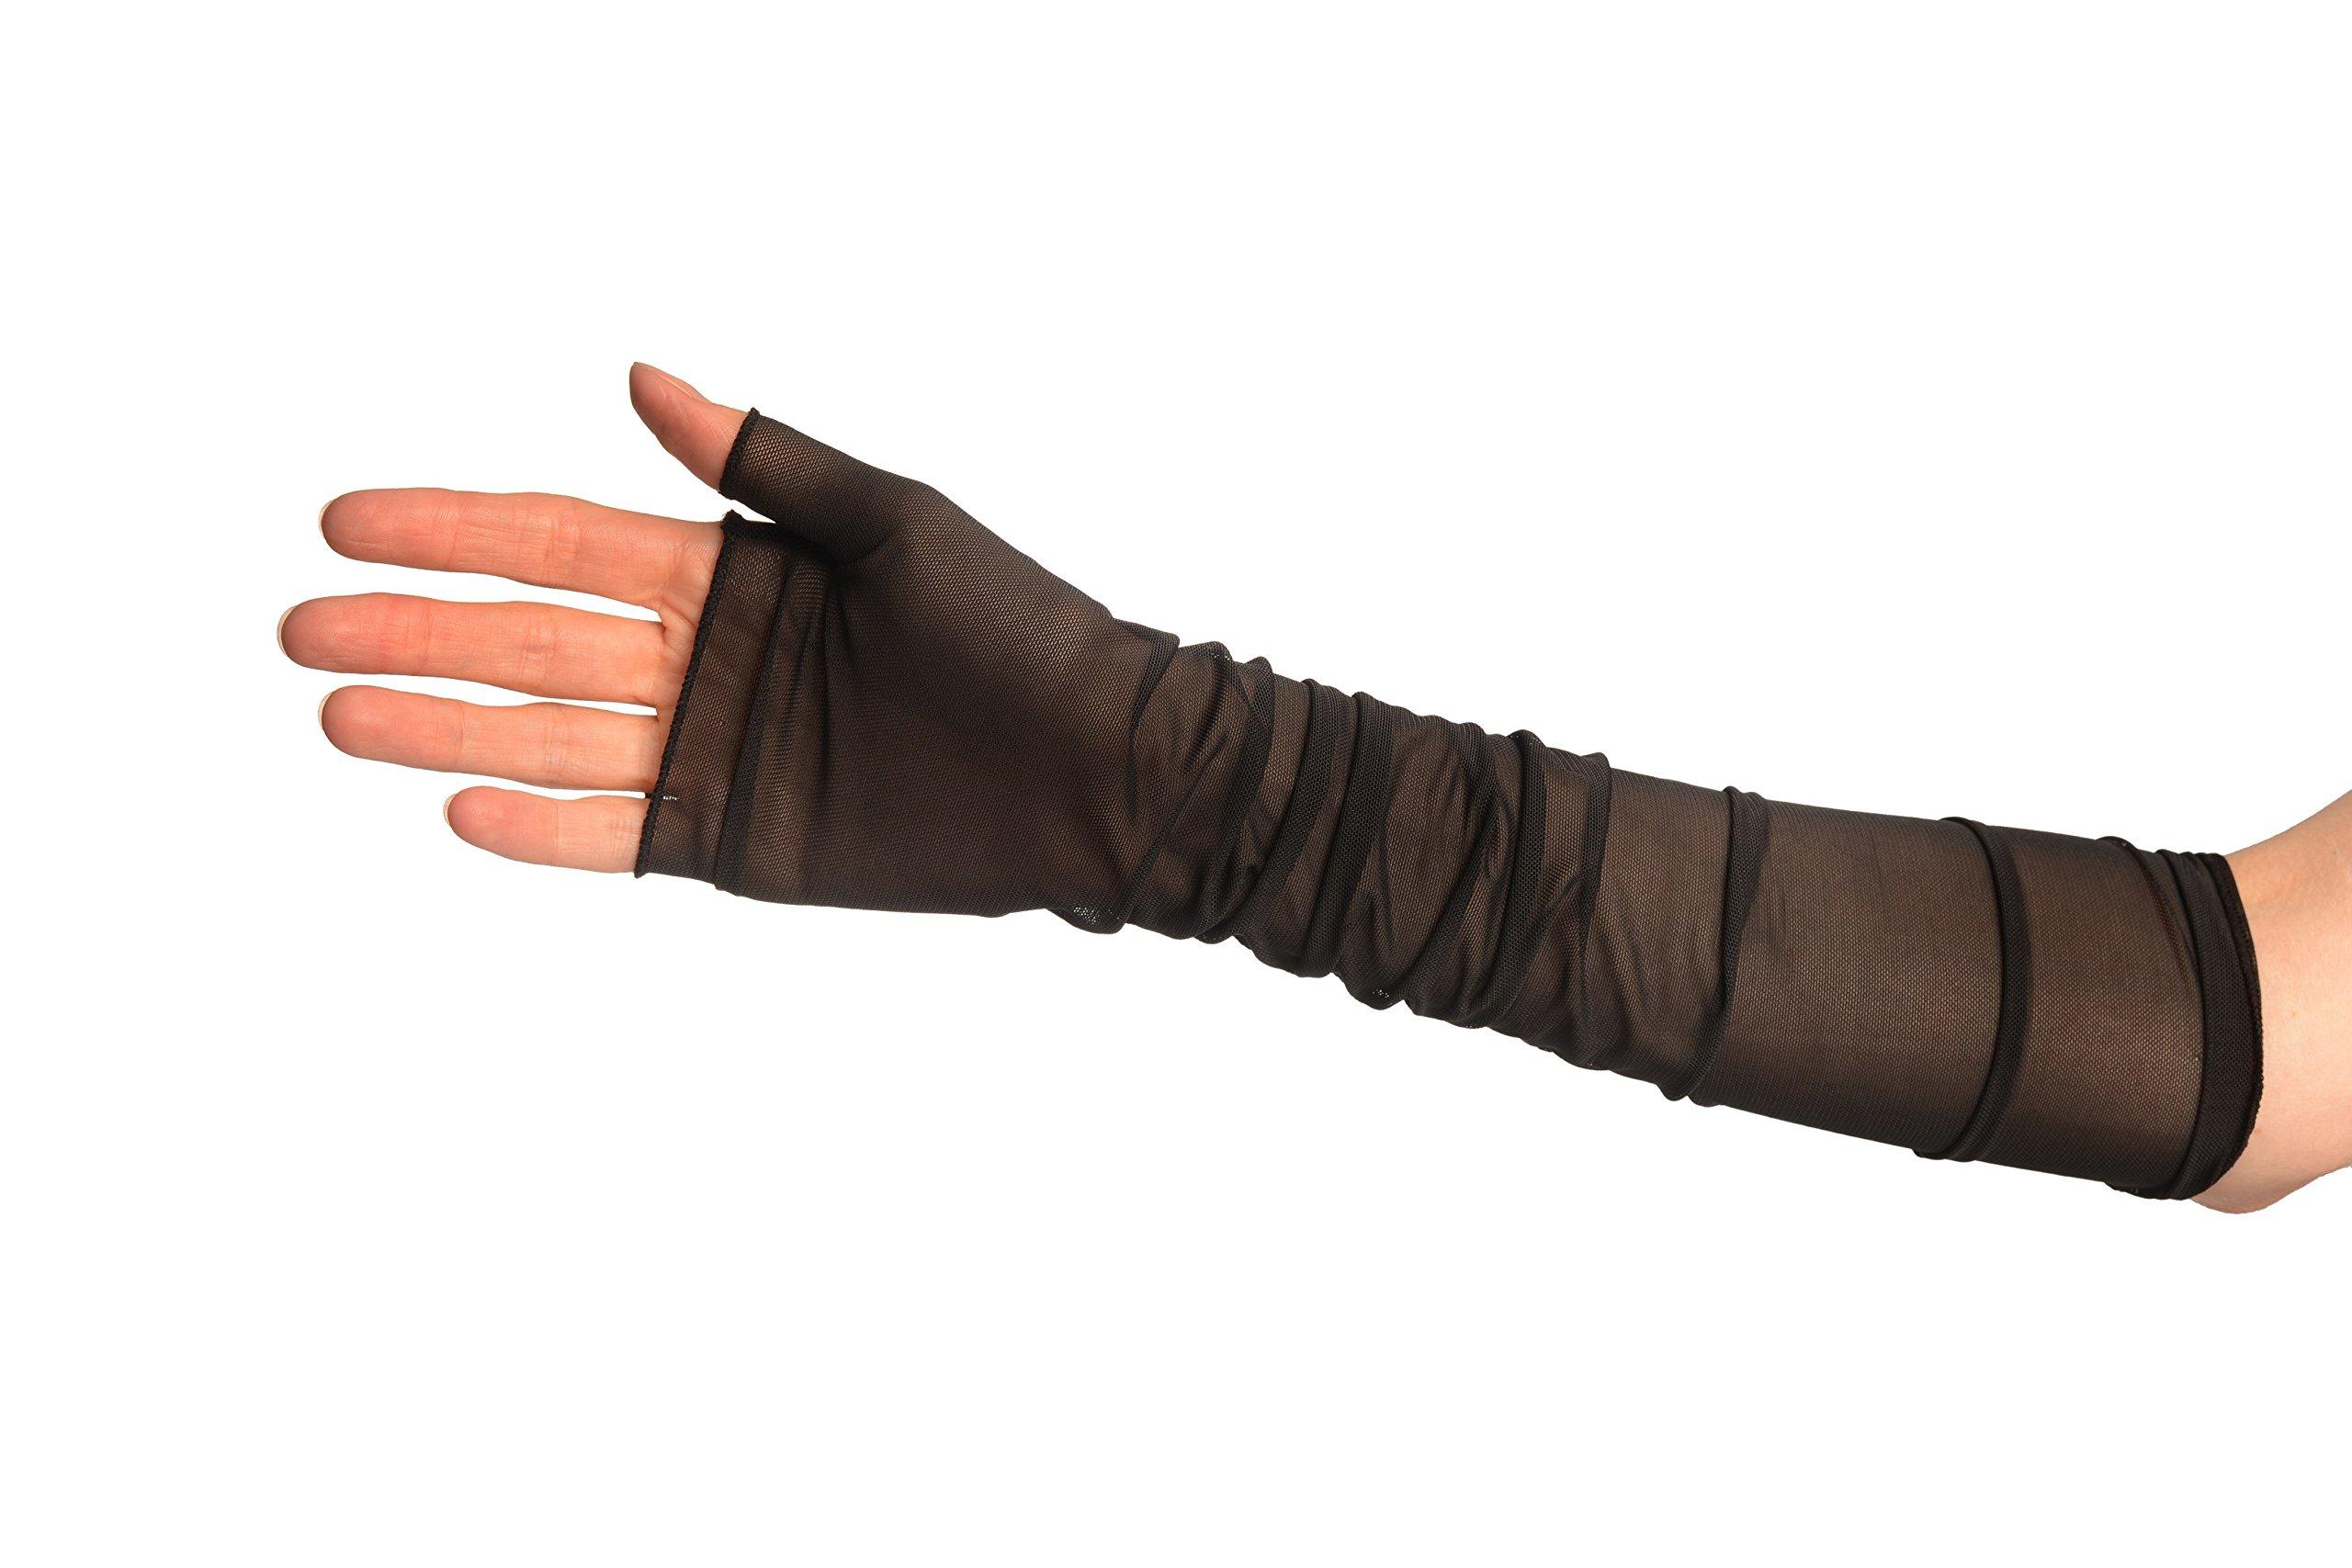 Black Fine Mesh Ballet/Dance Elbow Fingerless Gloves - Gloves by LissKiss (Image #3)